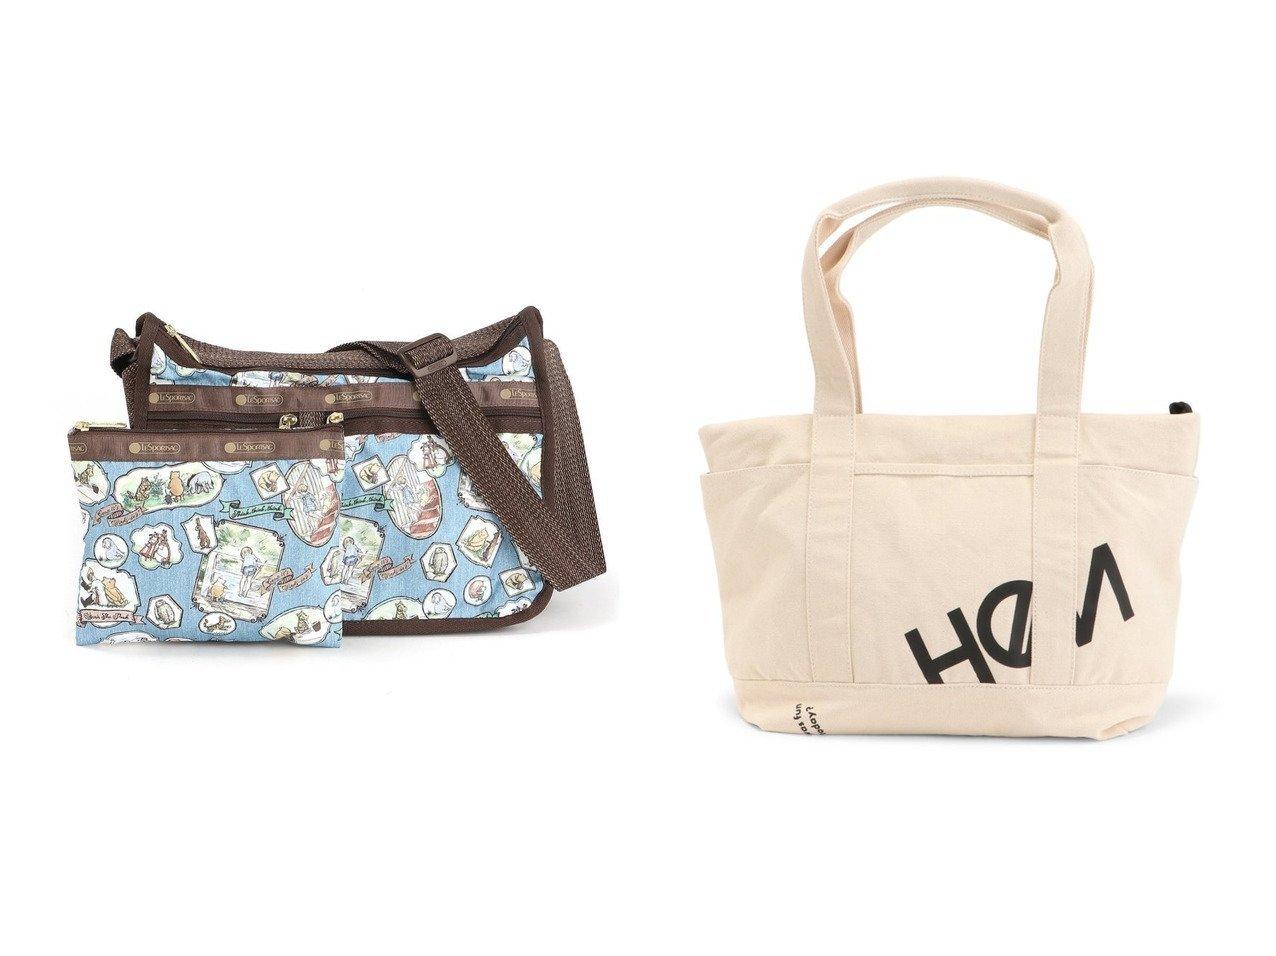 【HeM/ヘム】のジェシー トート ST-283-06&【LeSportsac/レスポートサック】の(レスポートサック)ショルダーバッグ 7507U067 バッグ・鞄のおすすめ!人気、トレンド・レディースファッションの通販 おすすめで人気の流行・トレンド、ファッションの通販商品 メンズファッション・キッズファッション・インテリア・家具・レディースファッション・服の通販 founy(ファニー) https://founy.com/ ファッション Fashion レディースファッション WOMEN バッグ Bag クラシカル コレクション 傘 ショルダー テクスチャー デニム 手帳 人気 ポケット ポーチ ミックス NEW・新作・新着・新入荷 New Arrivals キャンバス ビッグ プリント ベーシック  ID:crp329100000016350